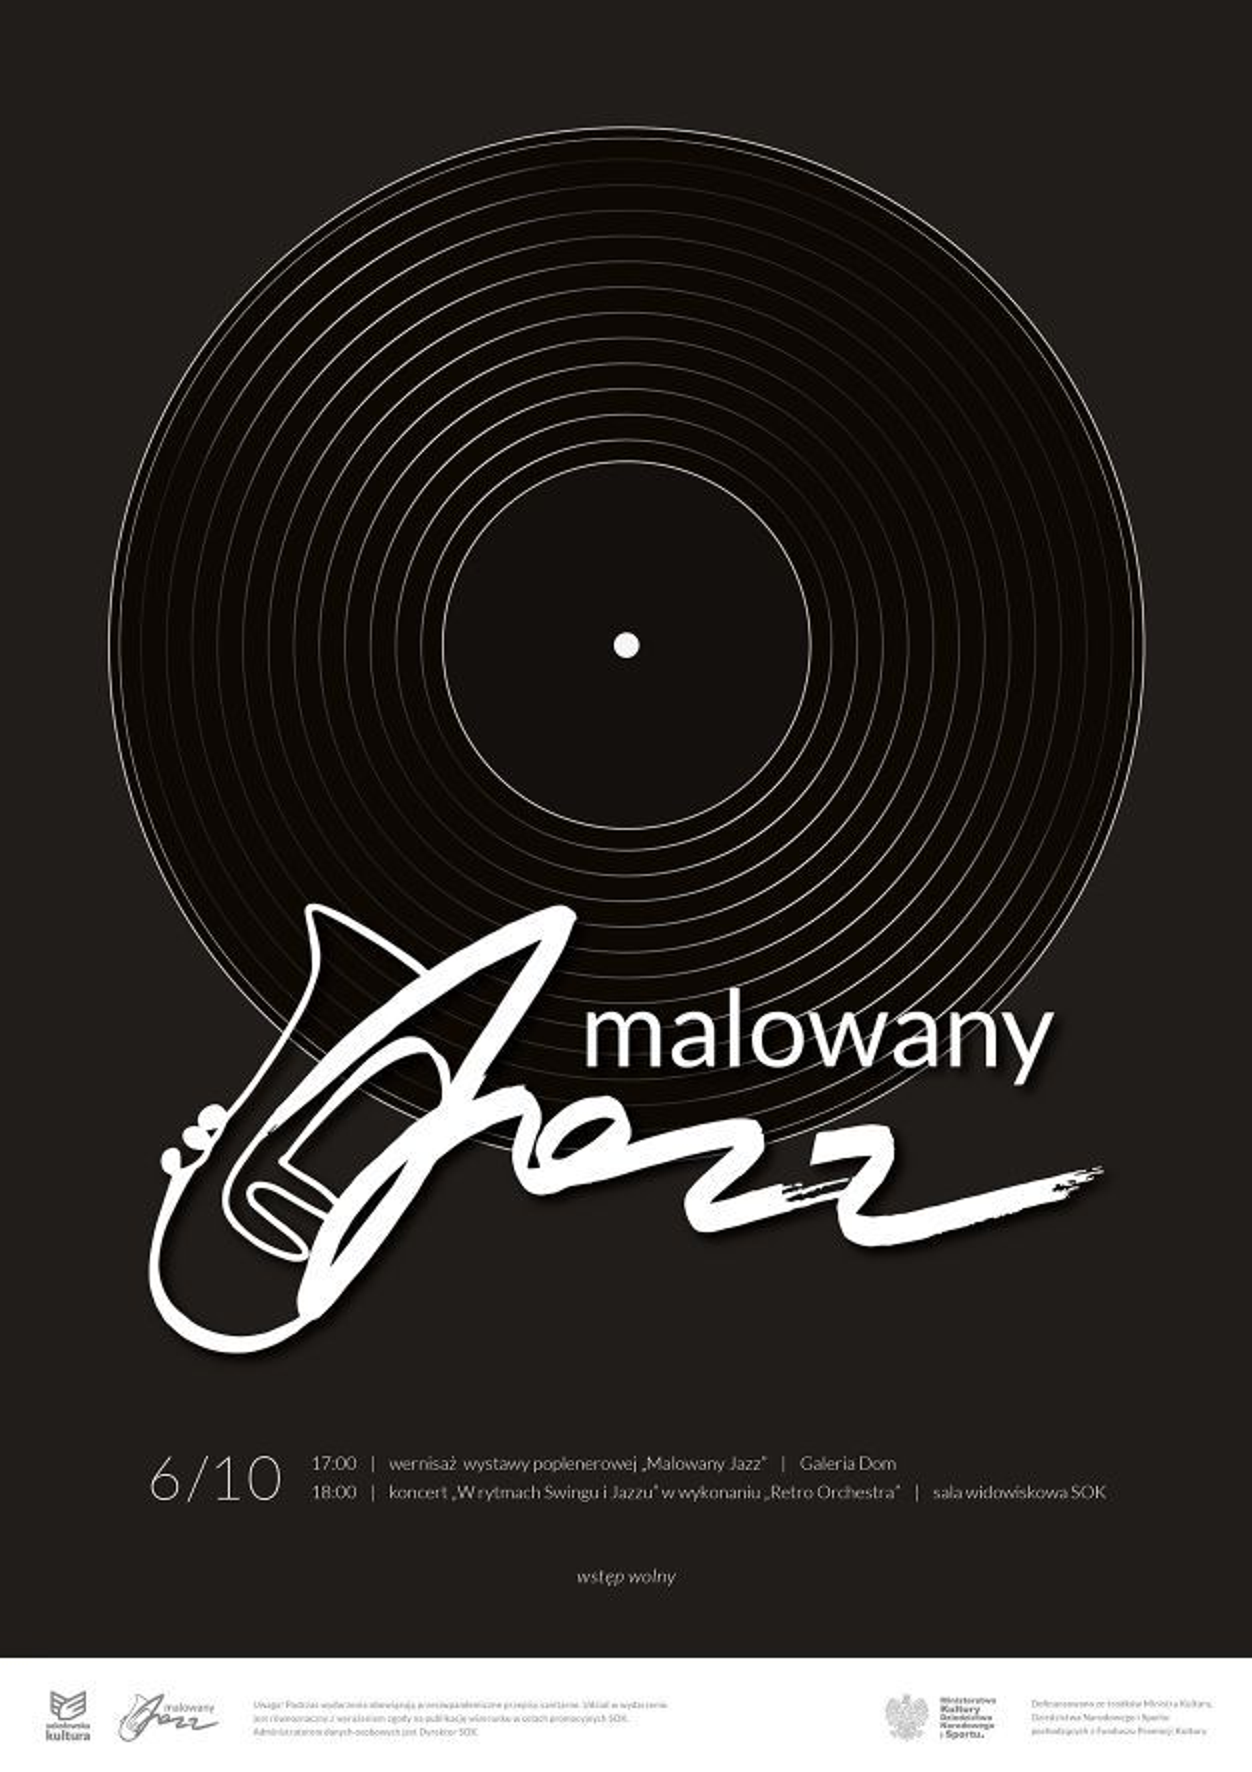 foto:  - malowany jazz